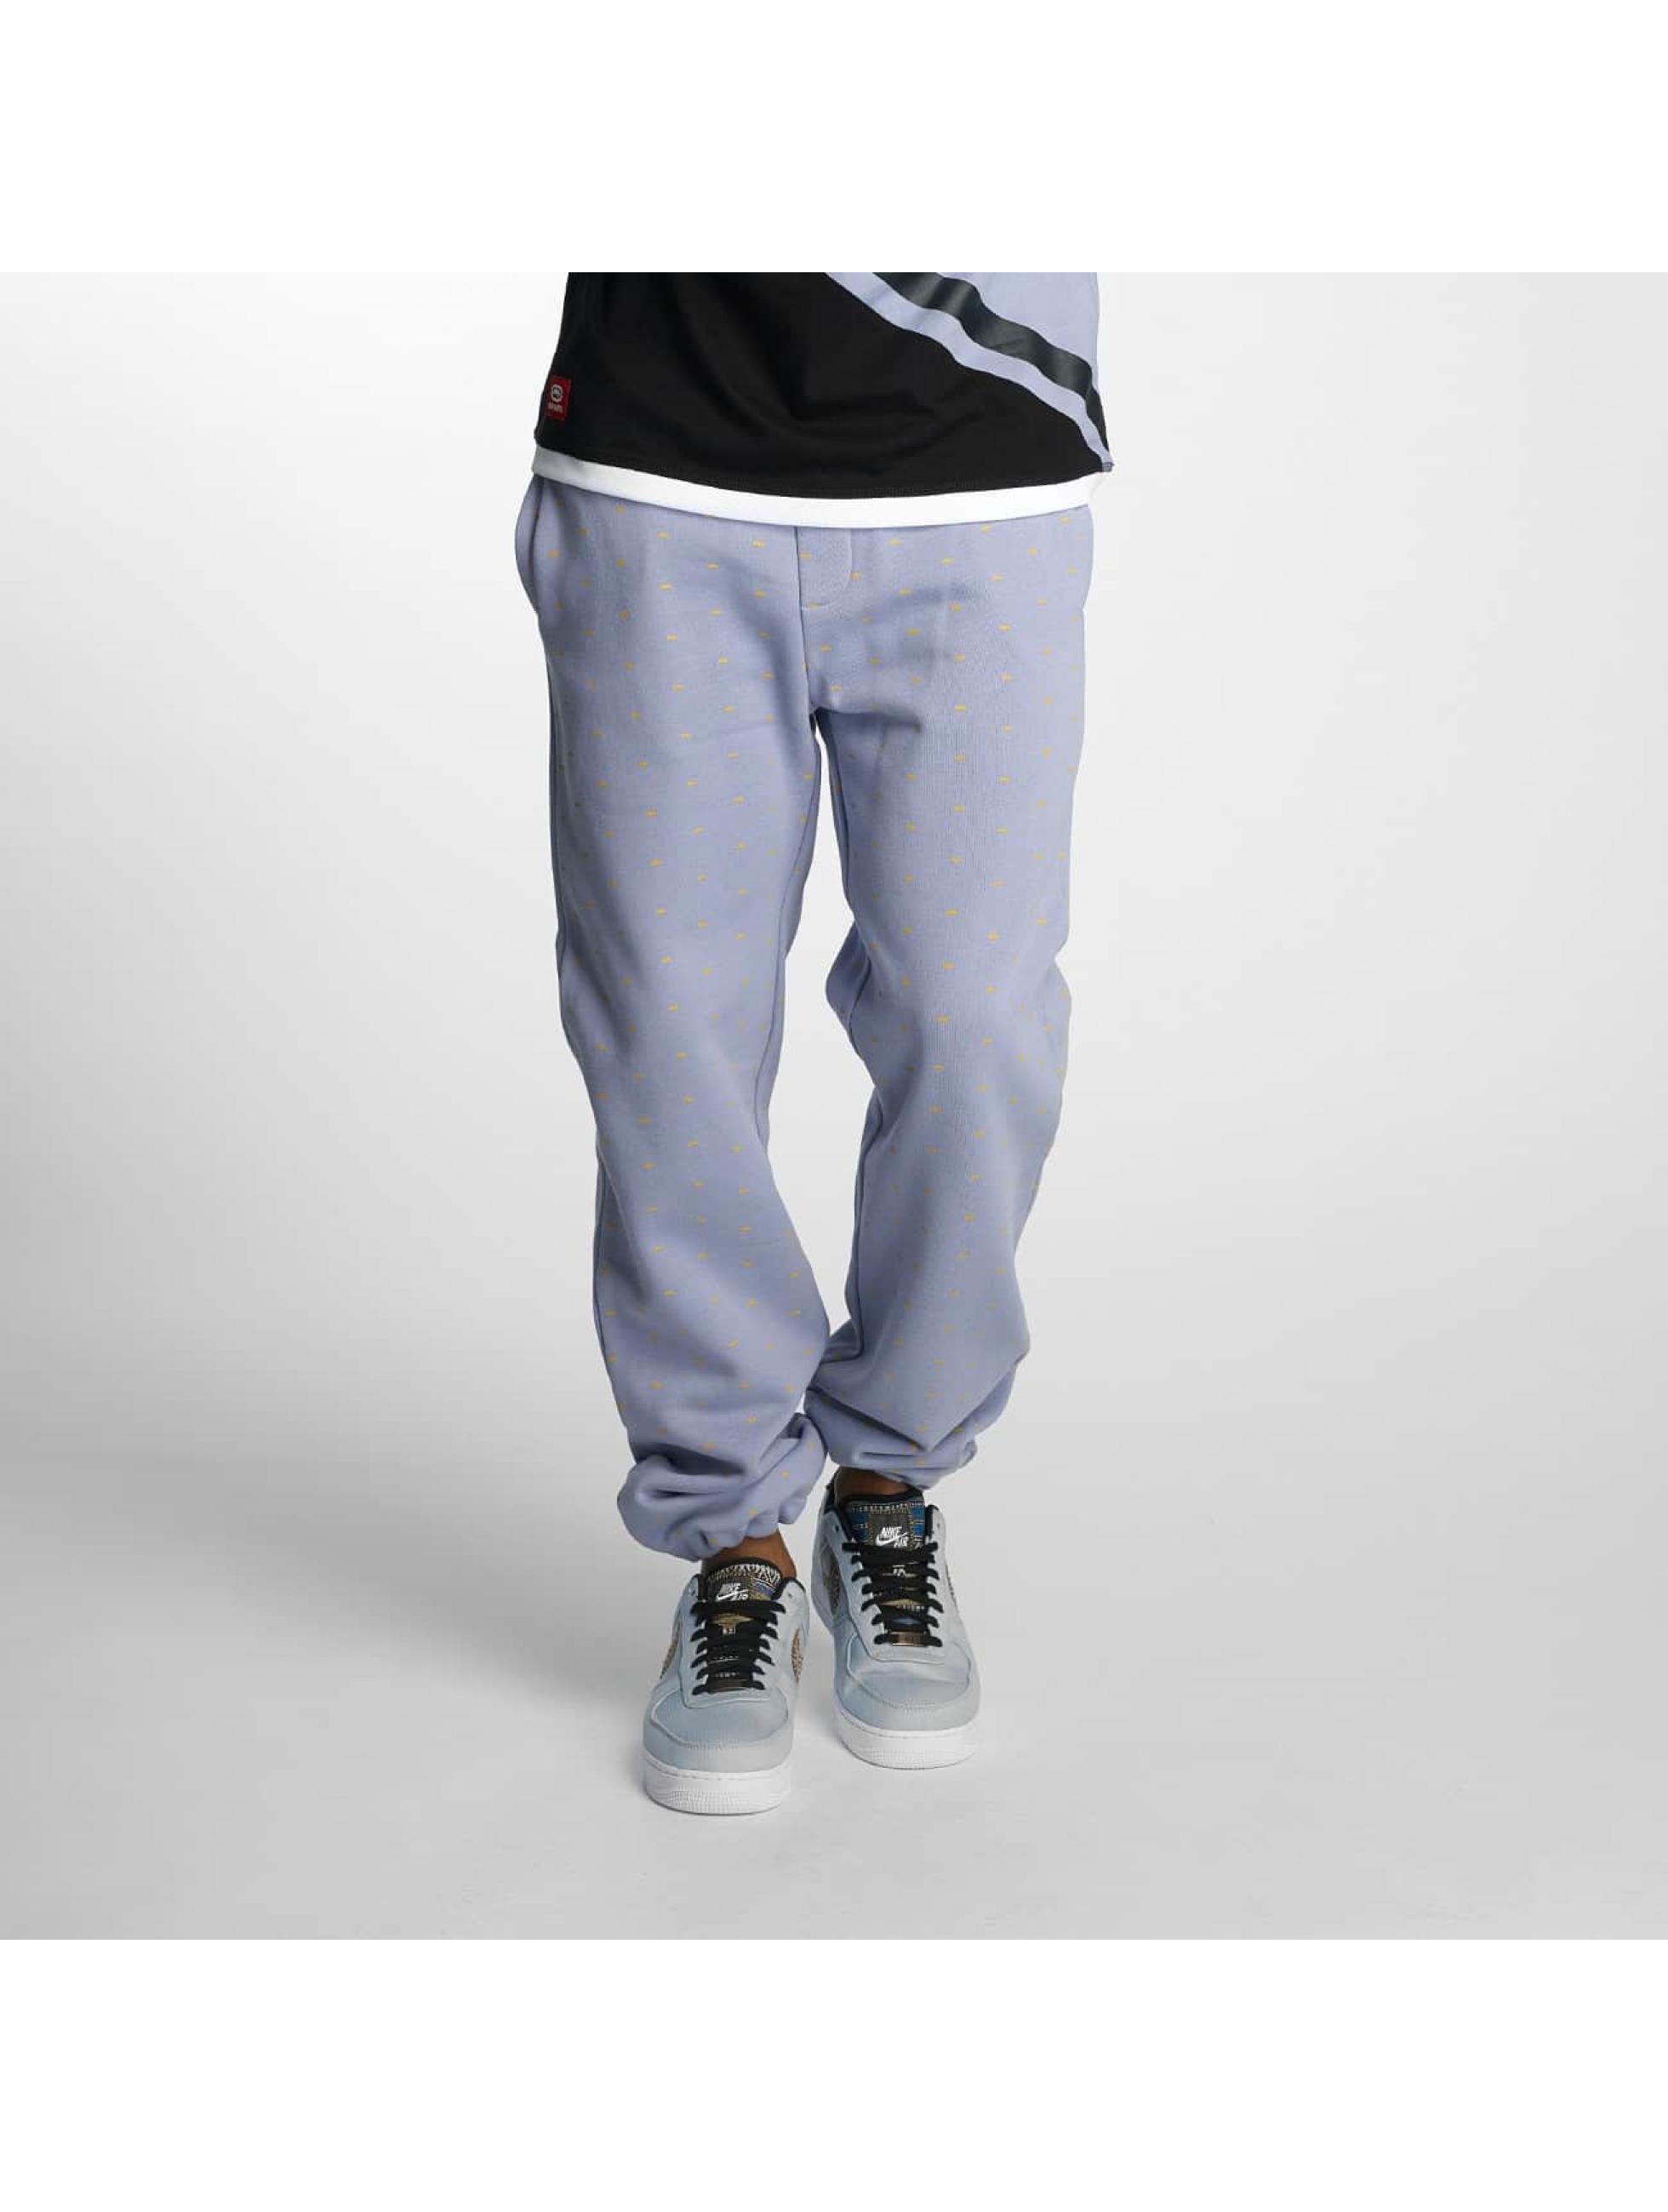 Ecko Unltd. / Sweat Pant Swecko in grey L